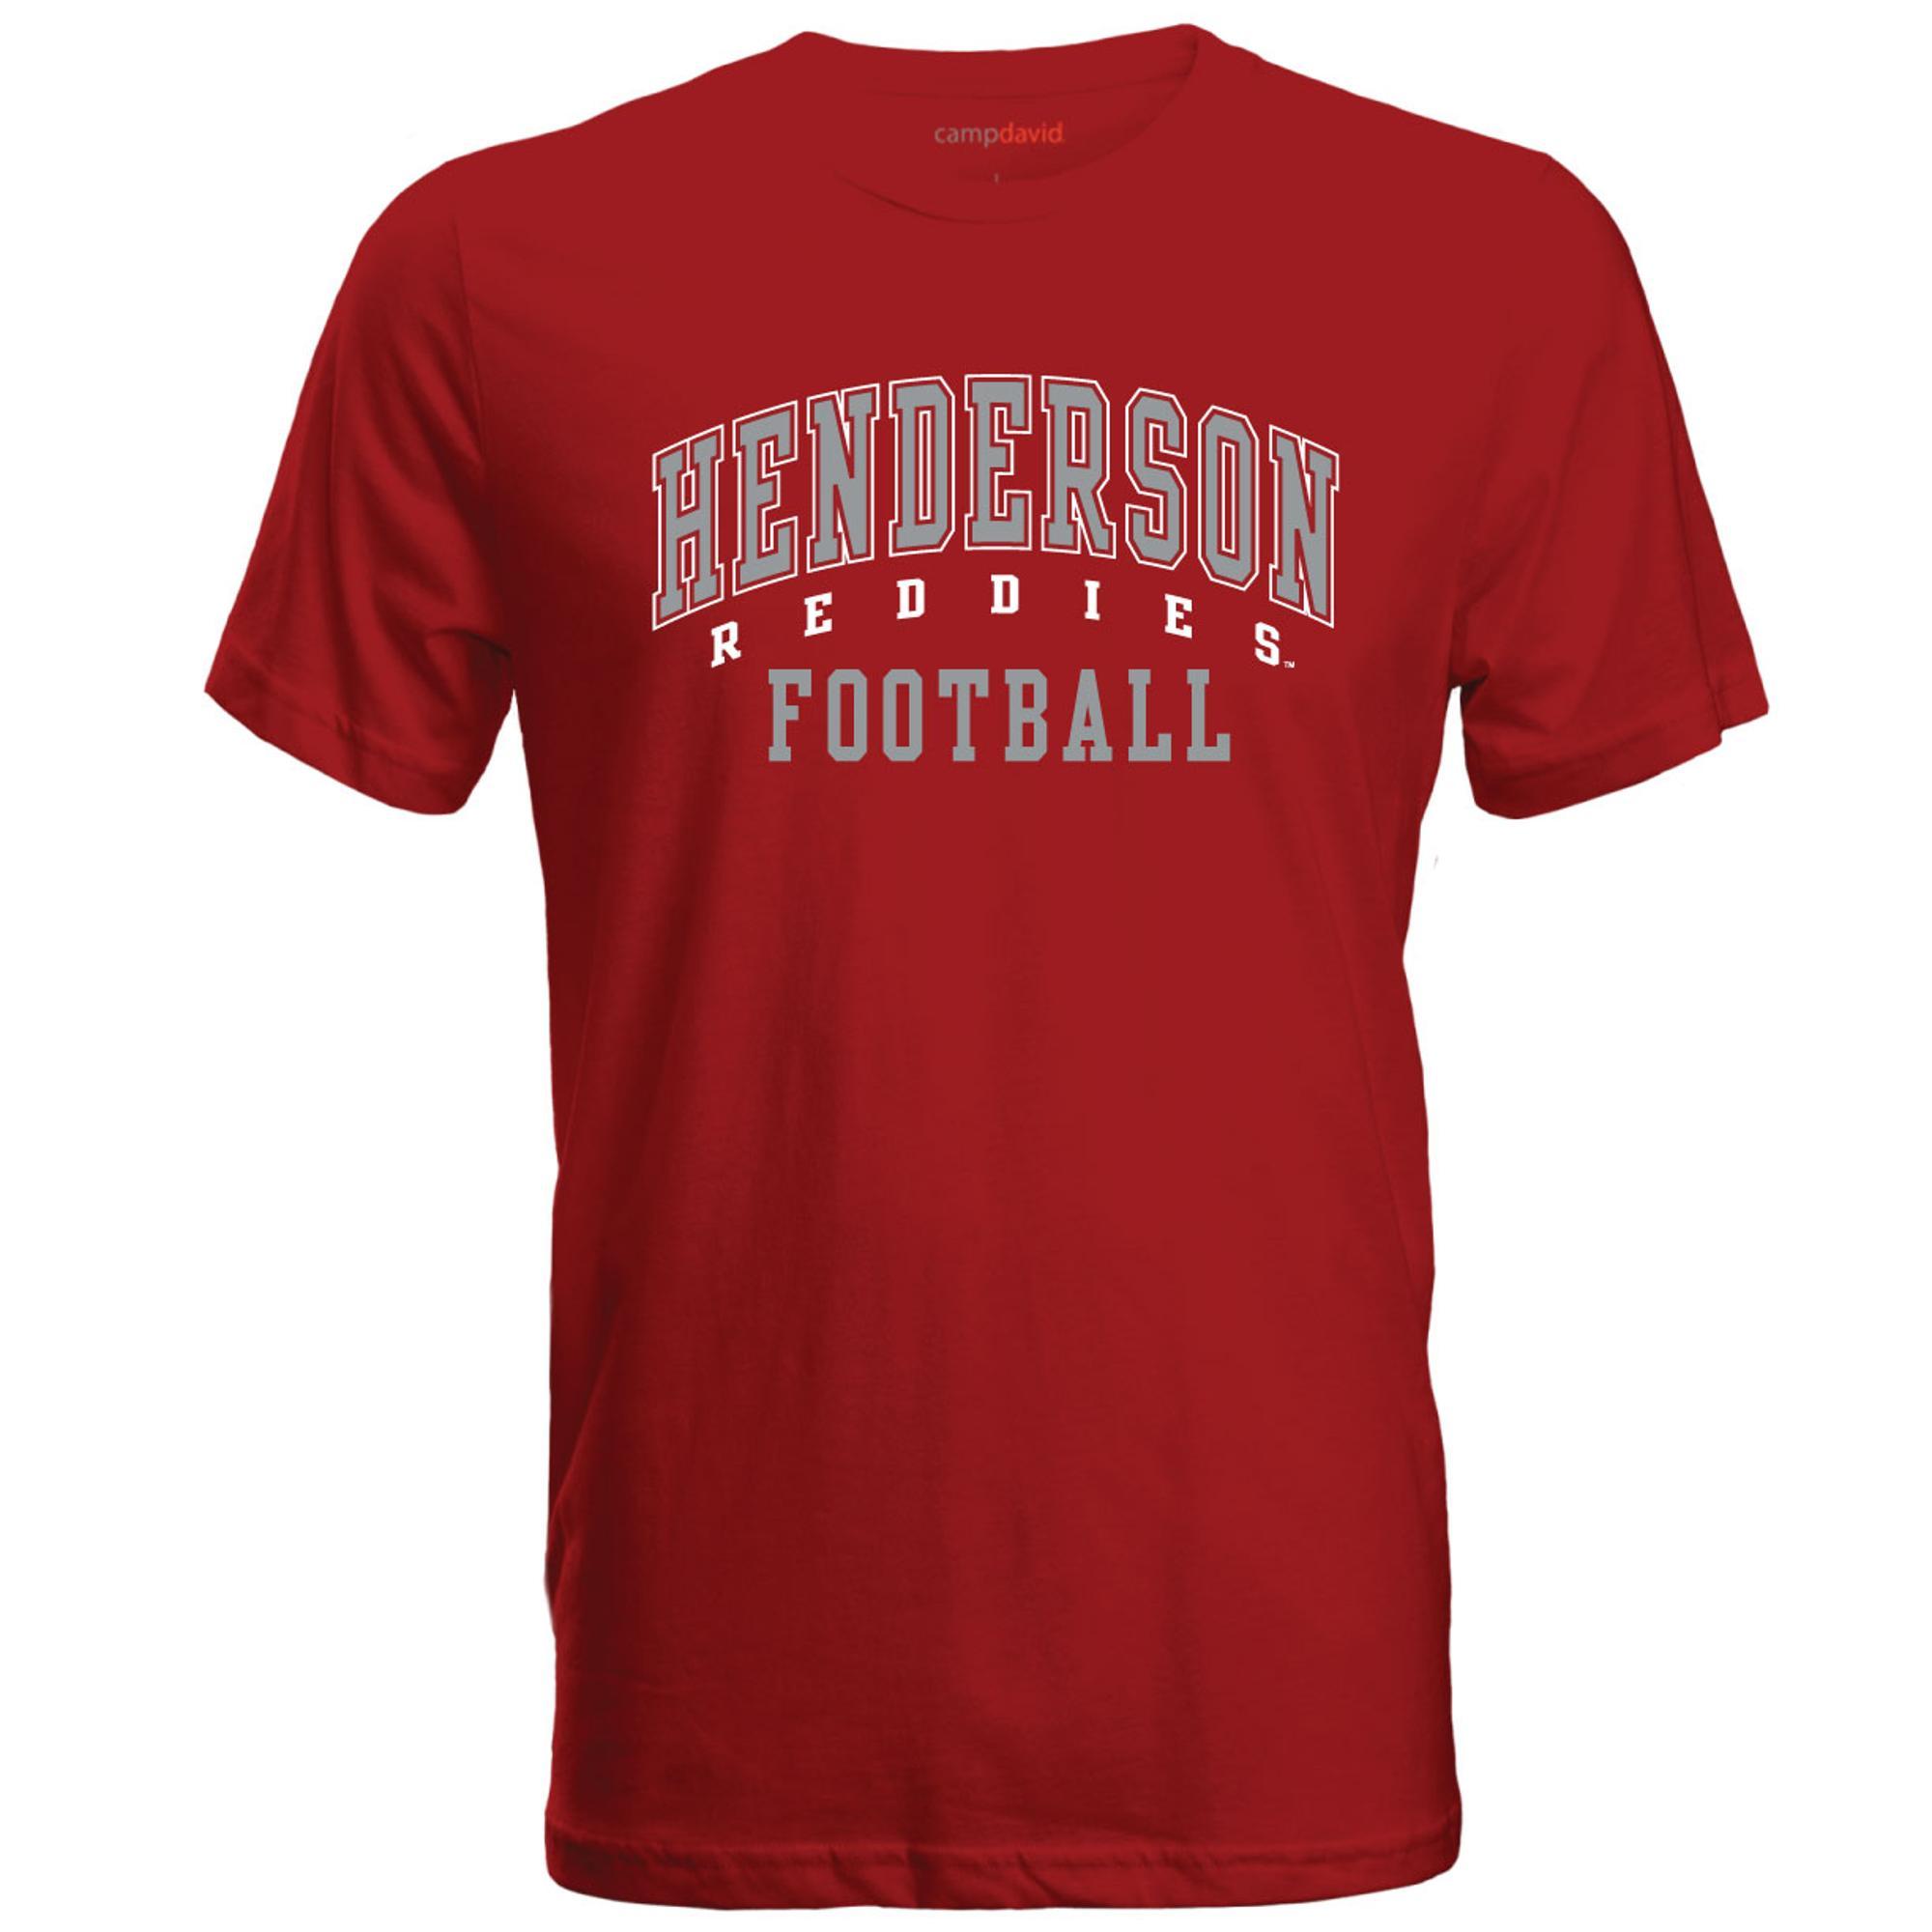 image of: Henderson Reddies Football Cruiser Tee